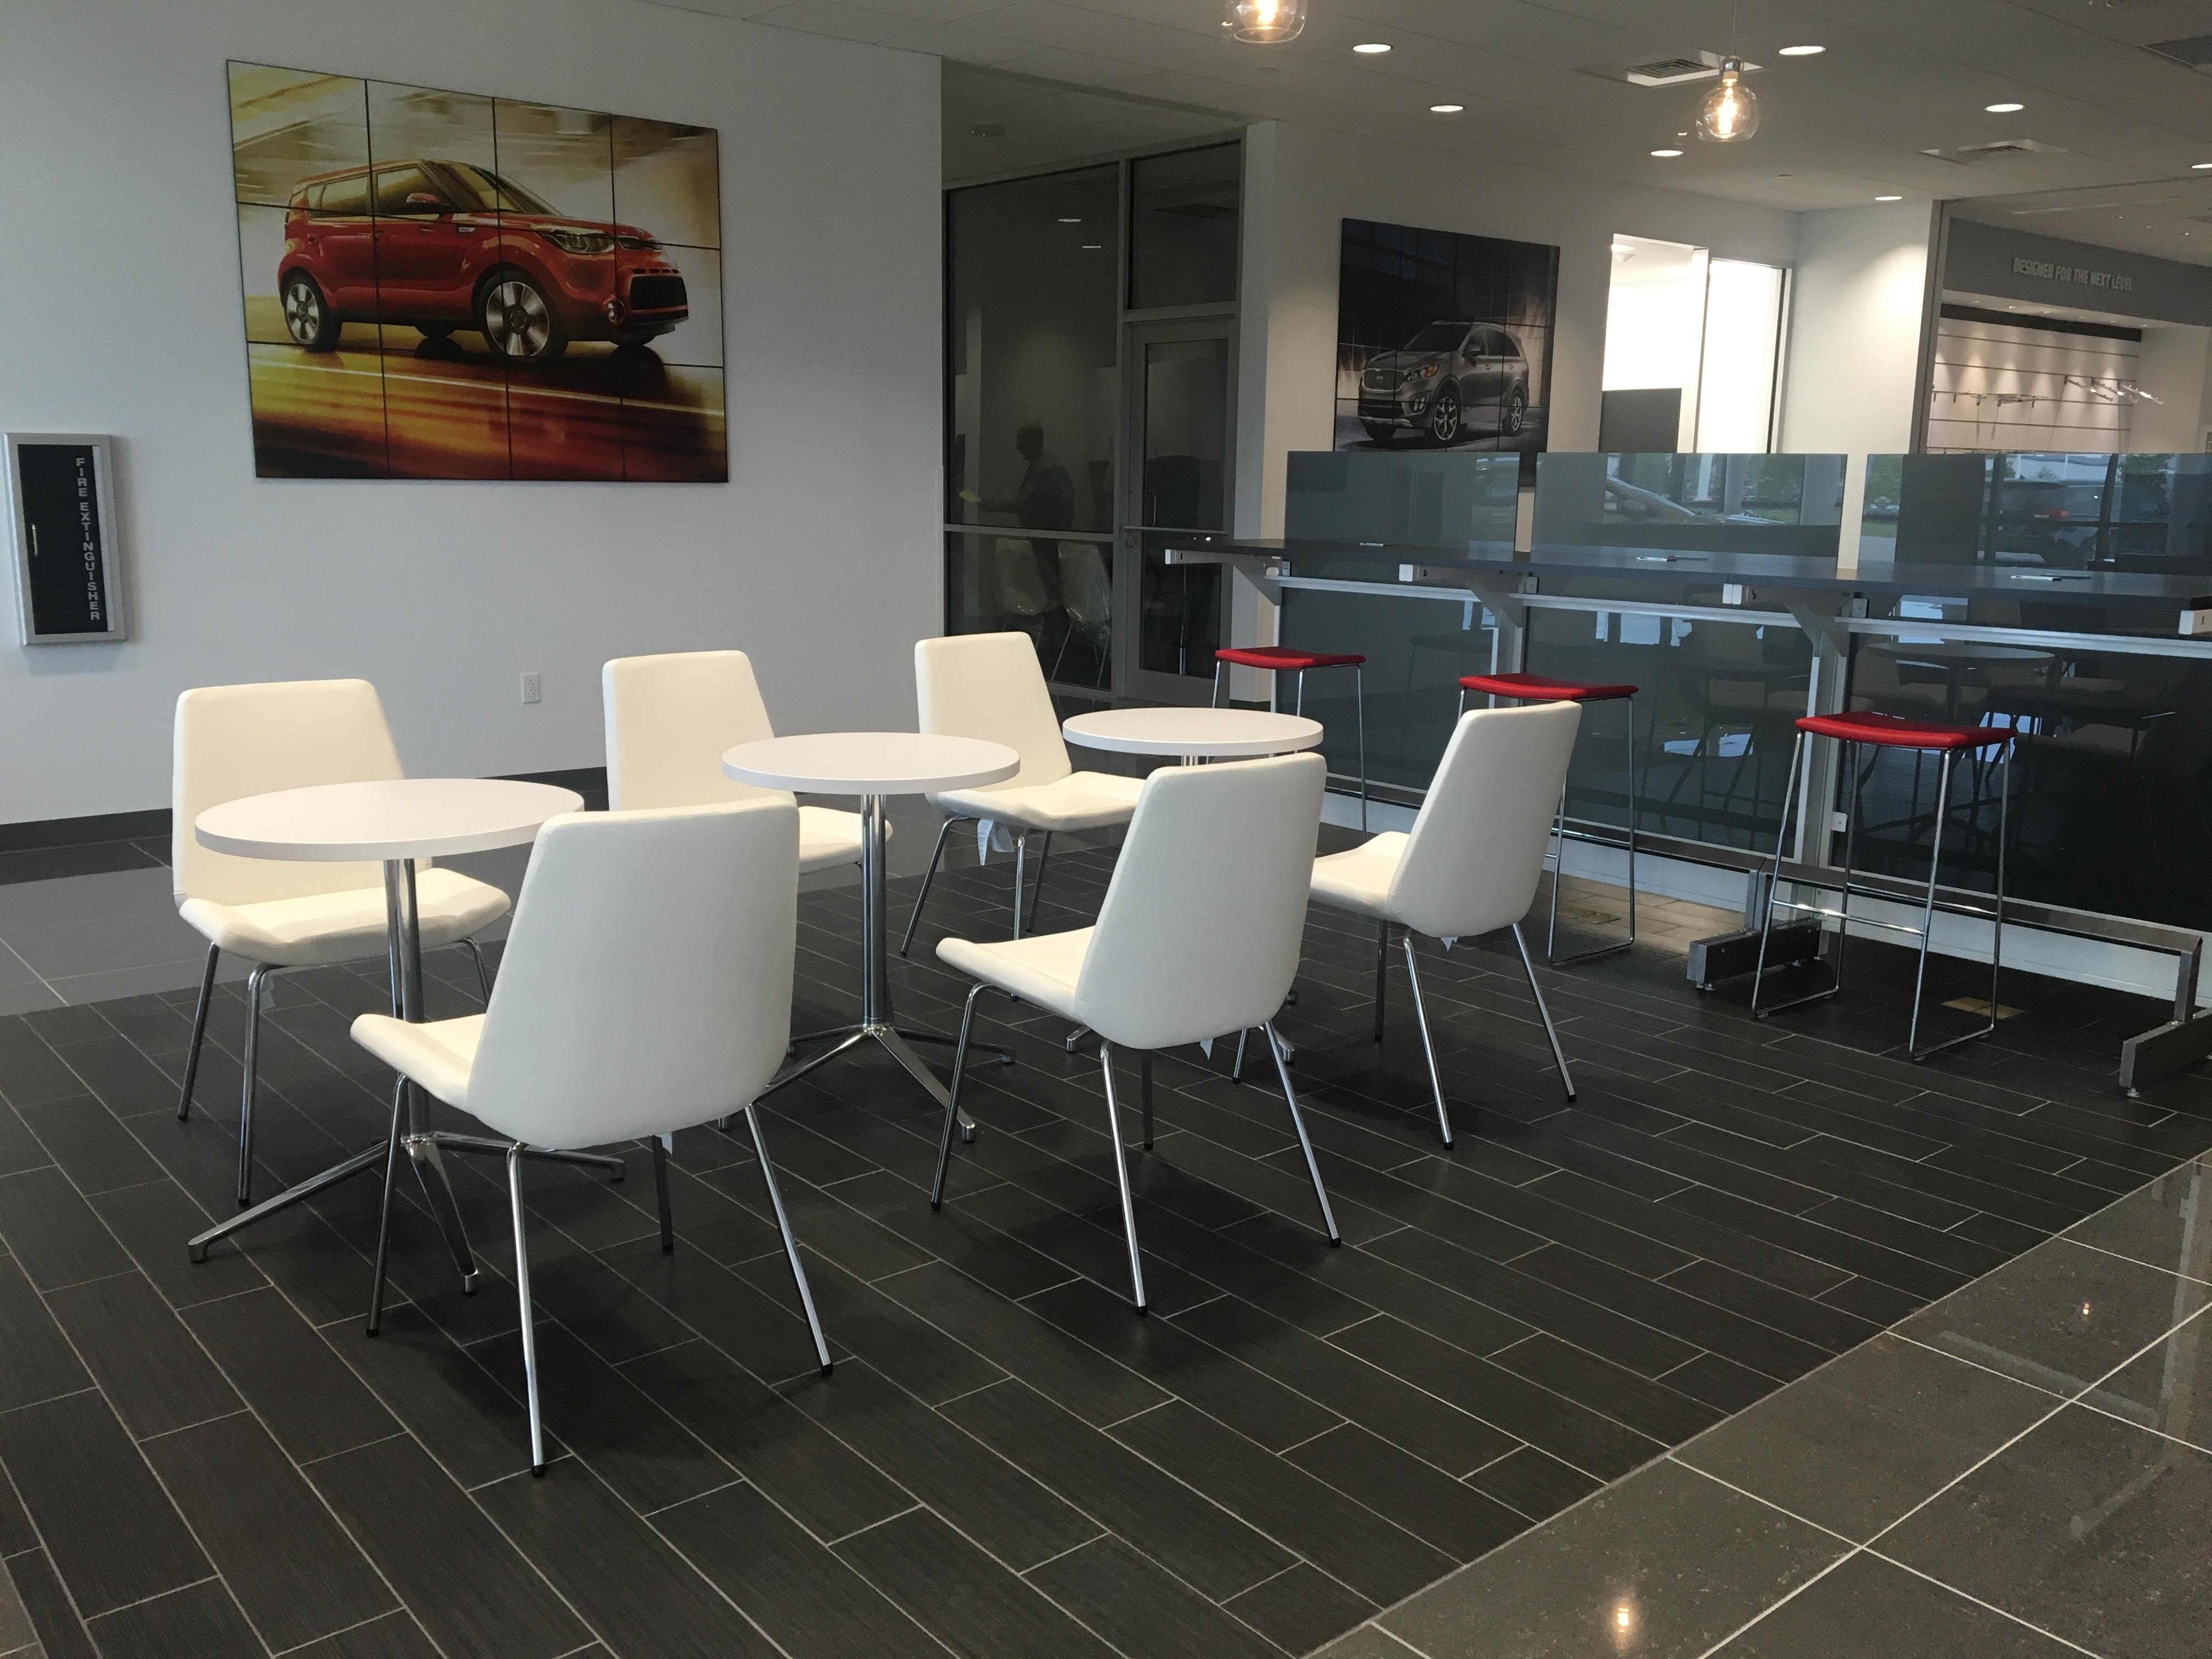 Lafayette la sterling automotive group for Sterling motors lafayette la